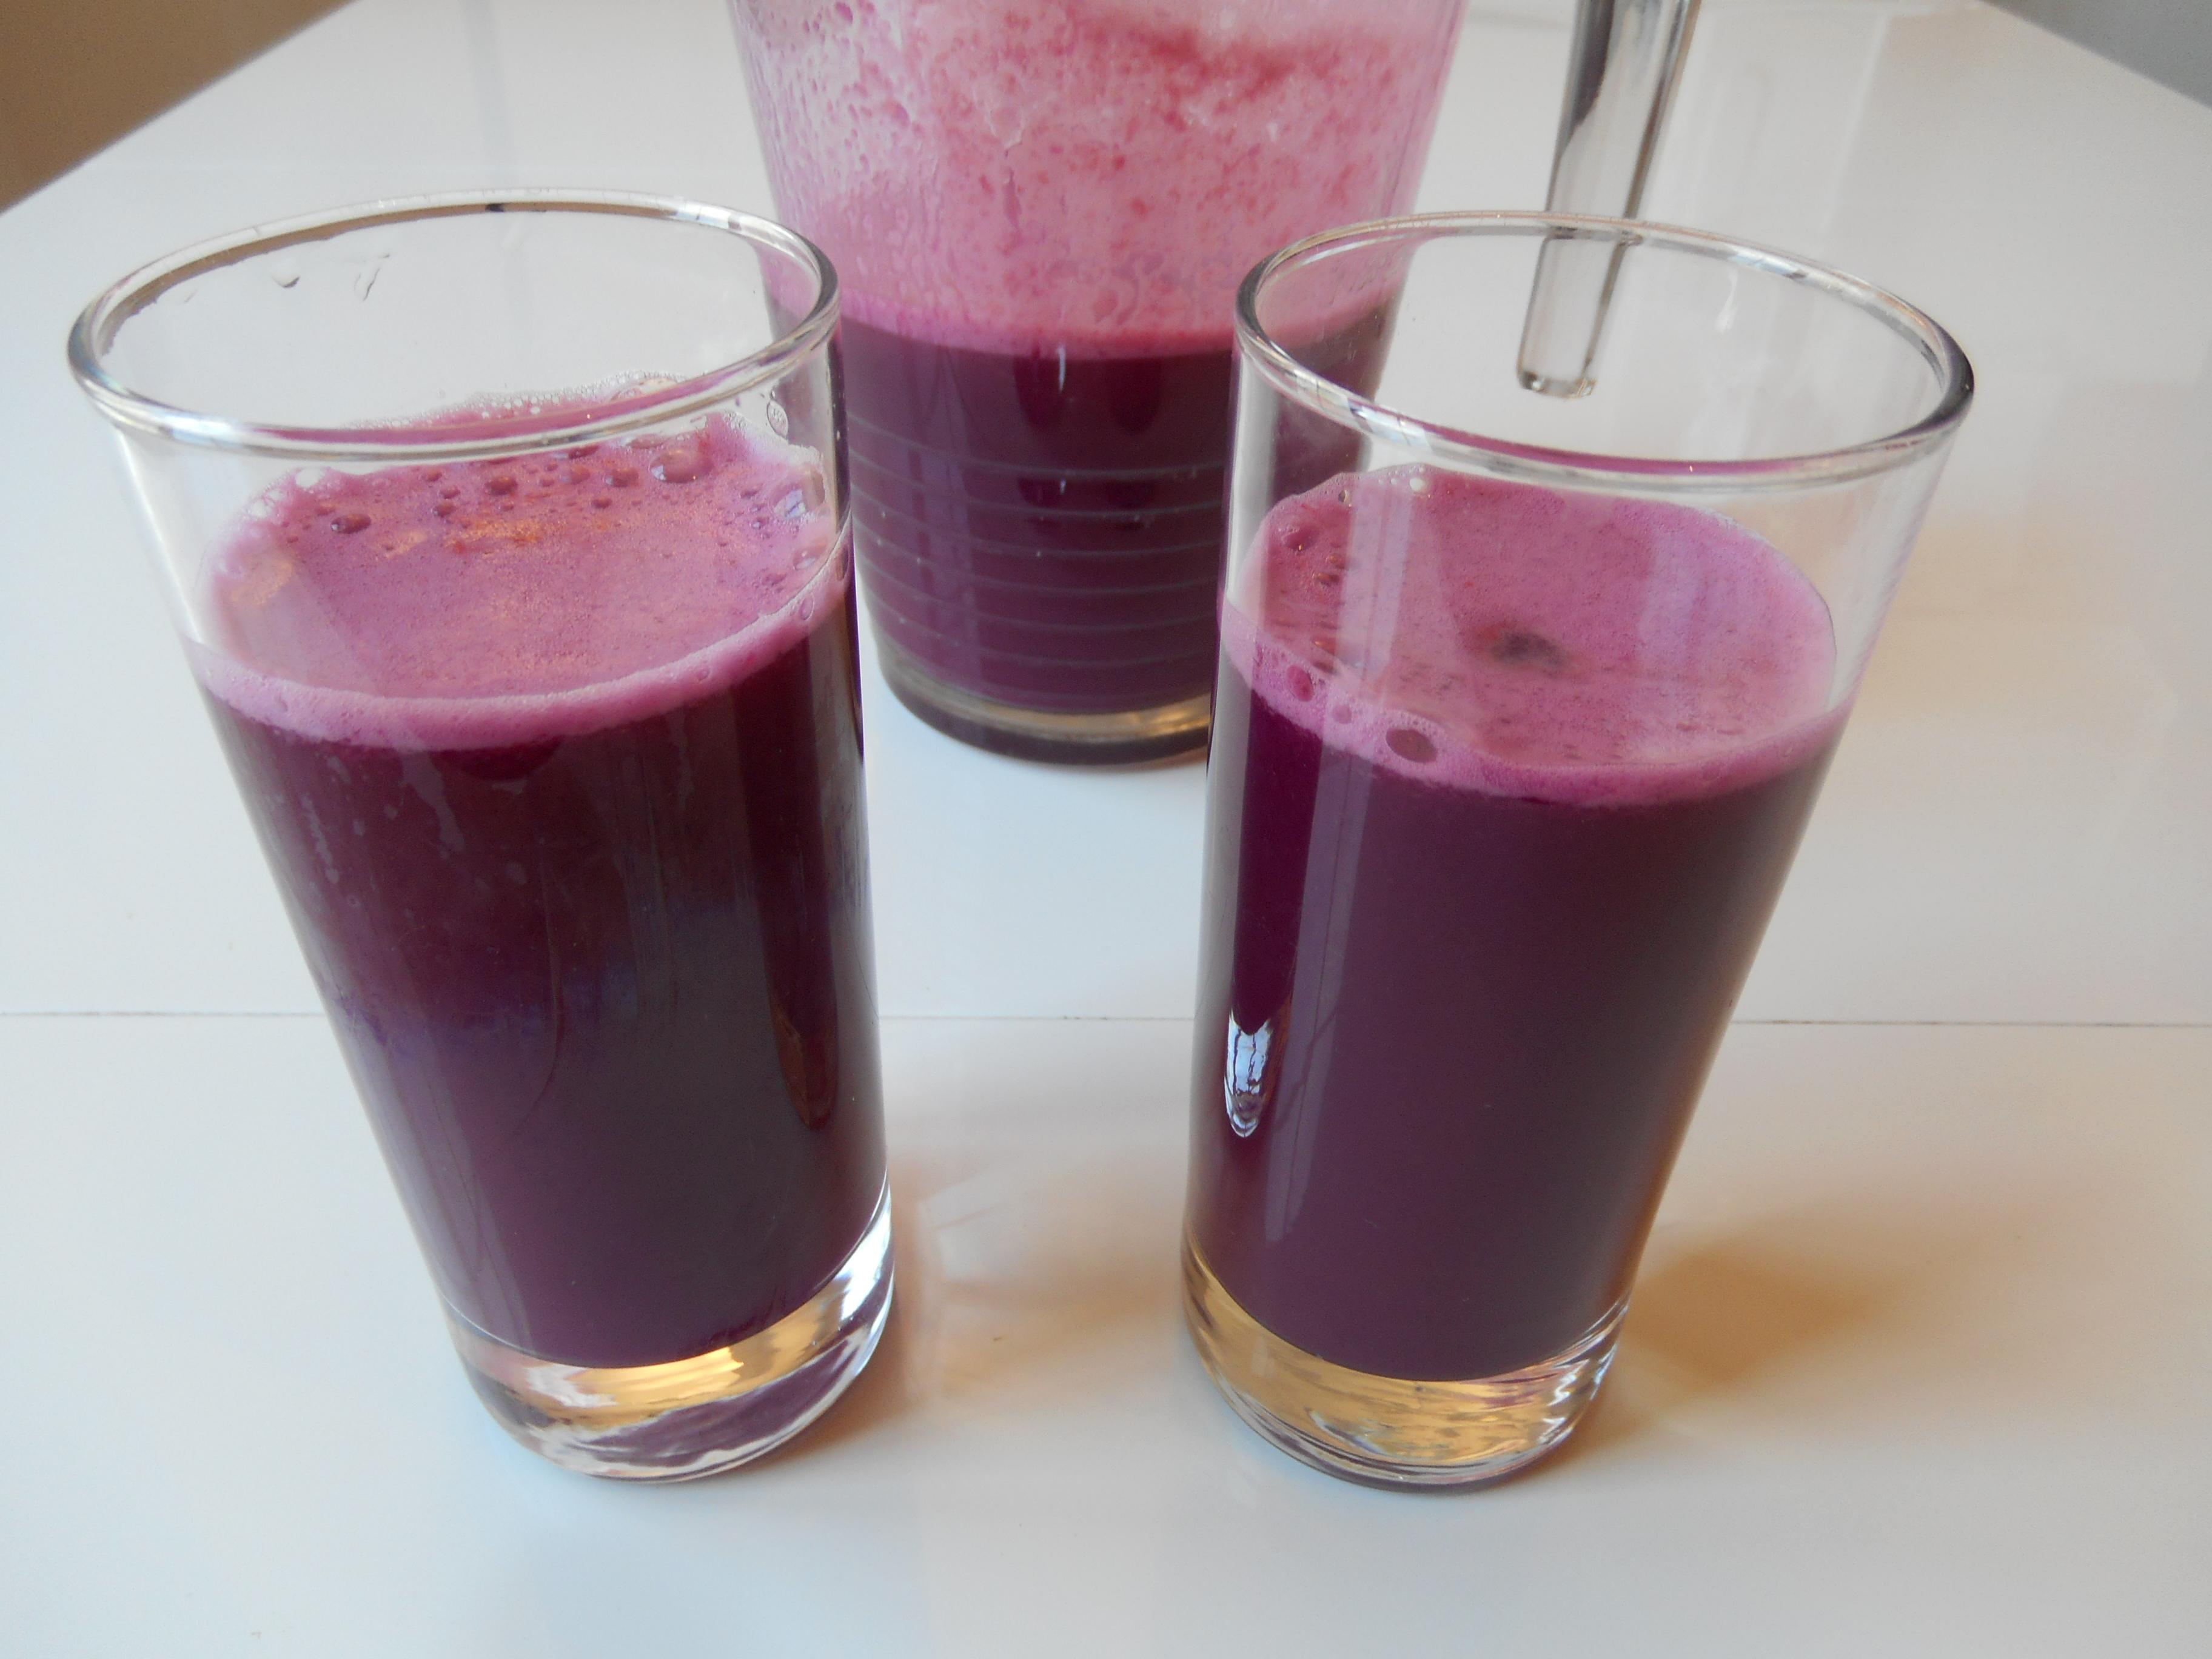 jus-de-chou-rouge-santé-jus-de-chou-rouge-recette-jus-de-chou-rouge-bienfaits-chou-rouge-anthocyane-vertu-du chou-rouge